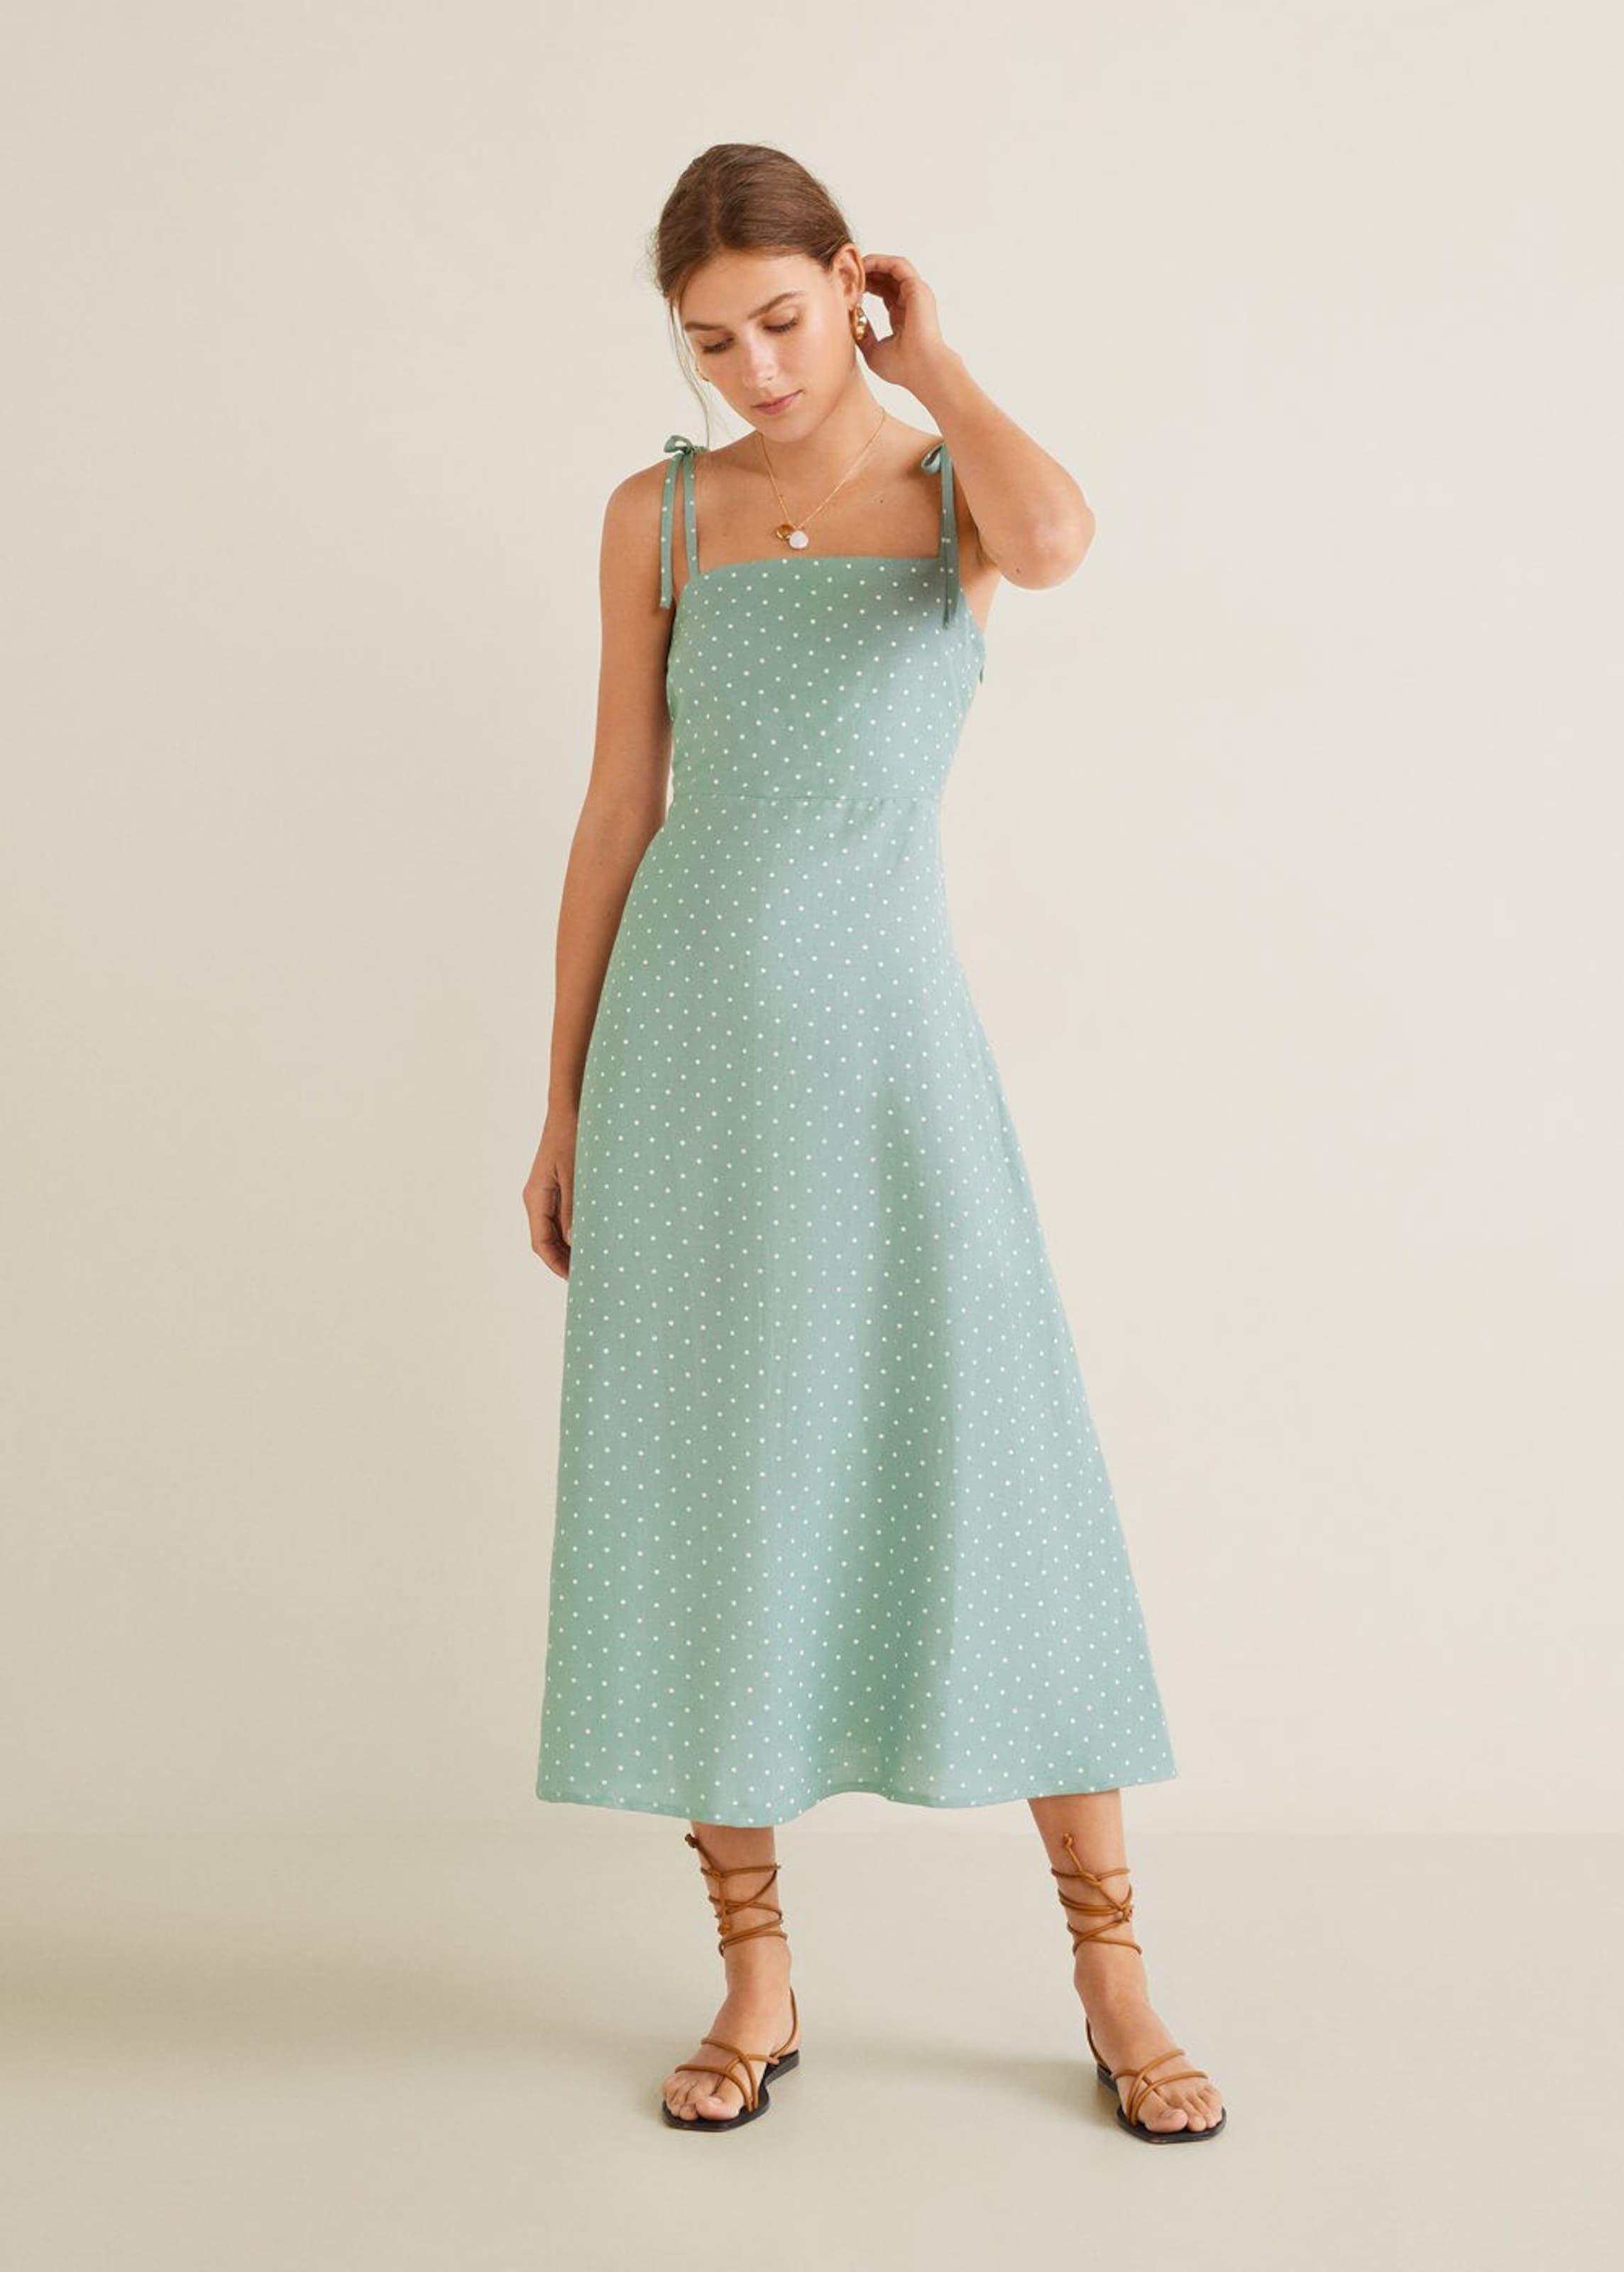 Kleid 'agnes' Kleid In JadeWeiß 'agnes' Mango Mango In 'agnes' In Kleid JadeWeiß Mango wPTZuXiOk